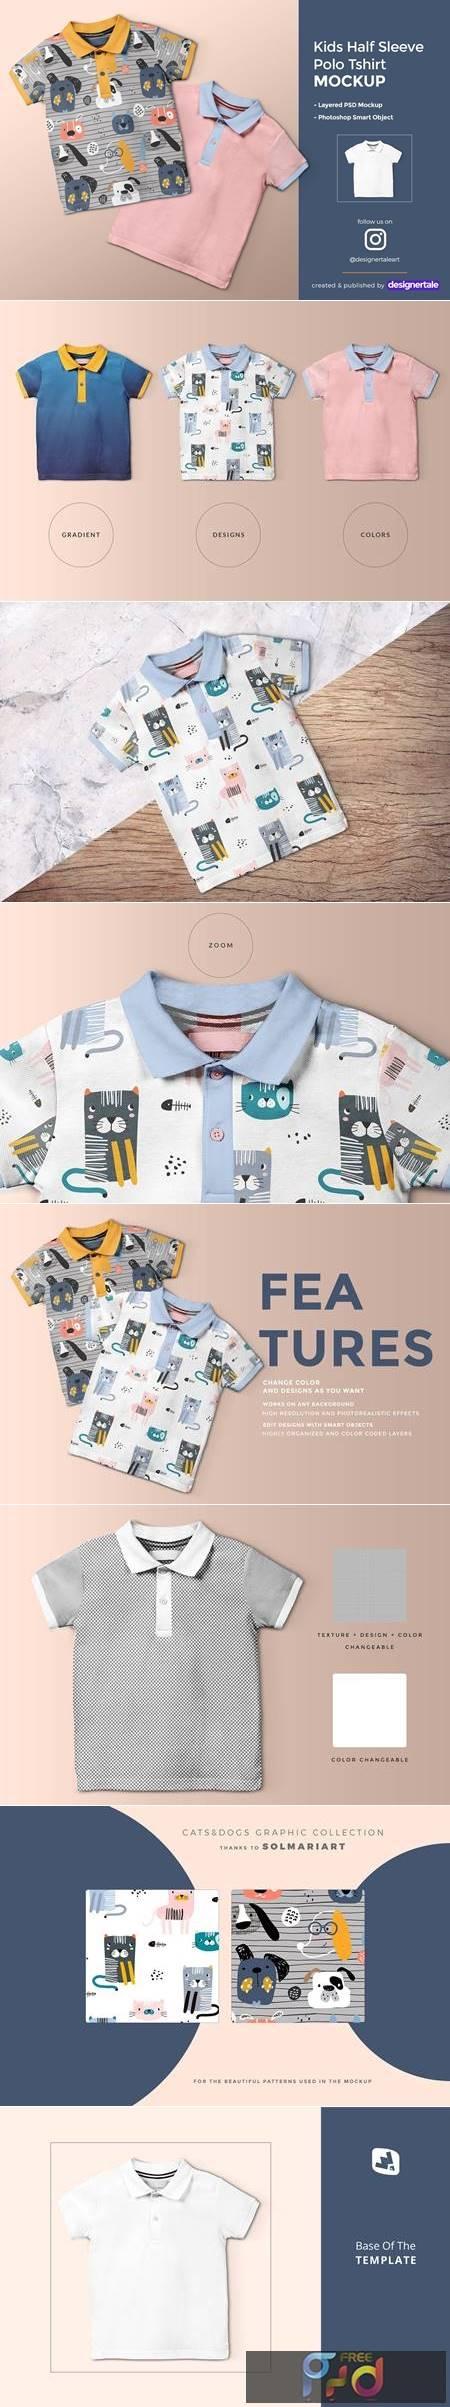 Kid's Half Sleeve Polo Tshirt Mockup 4432034 1